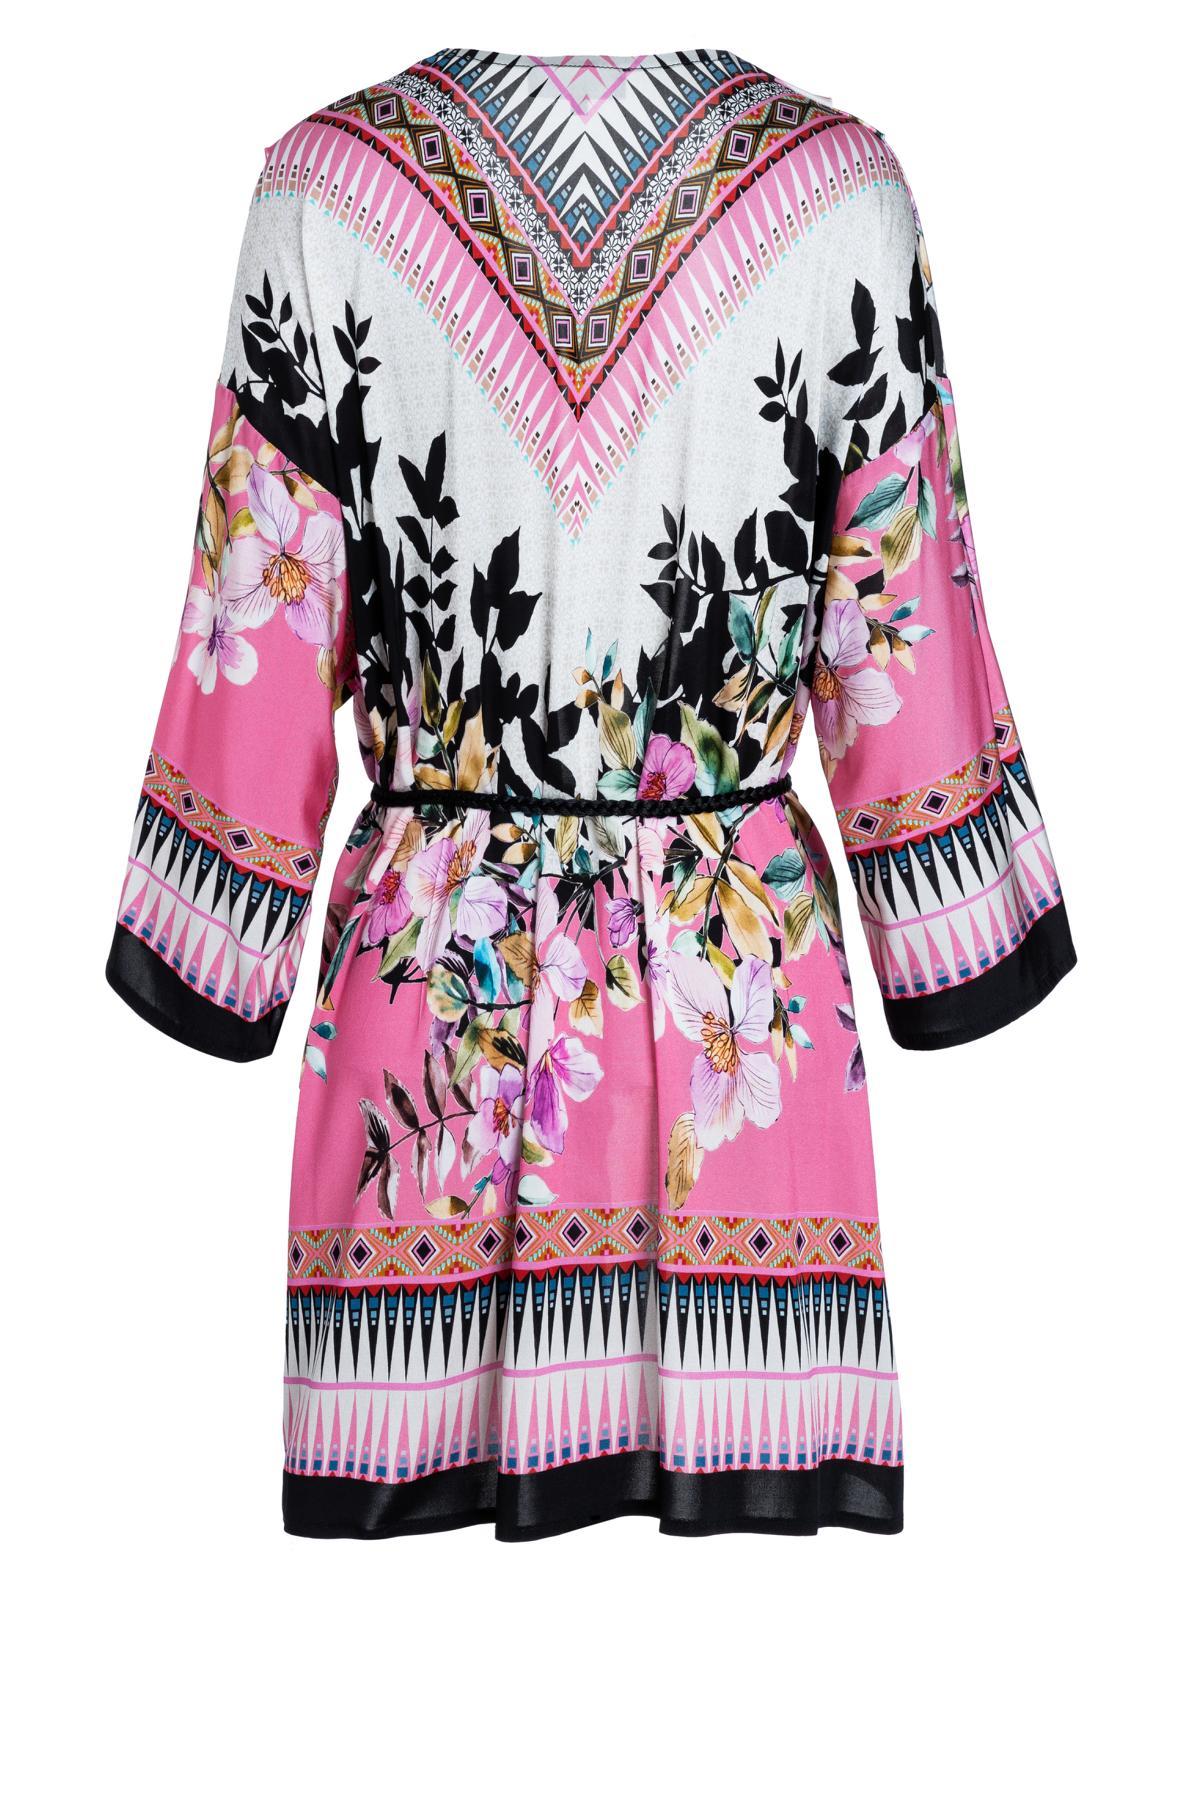 Detailansicht 2 von Ana Alcazar Kimono Shena 3838